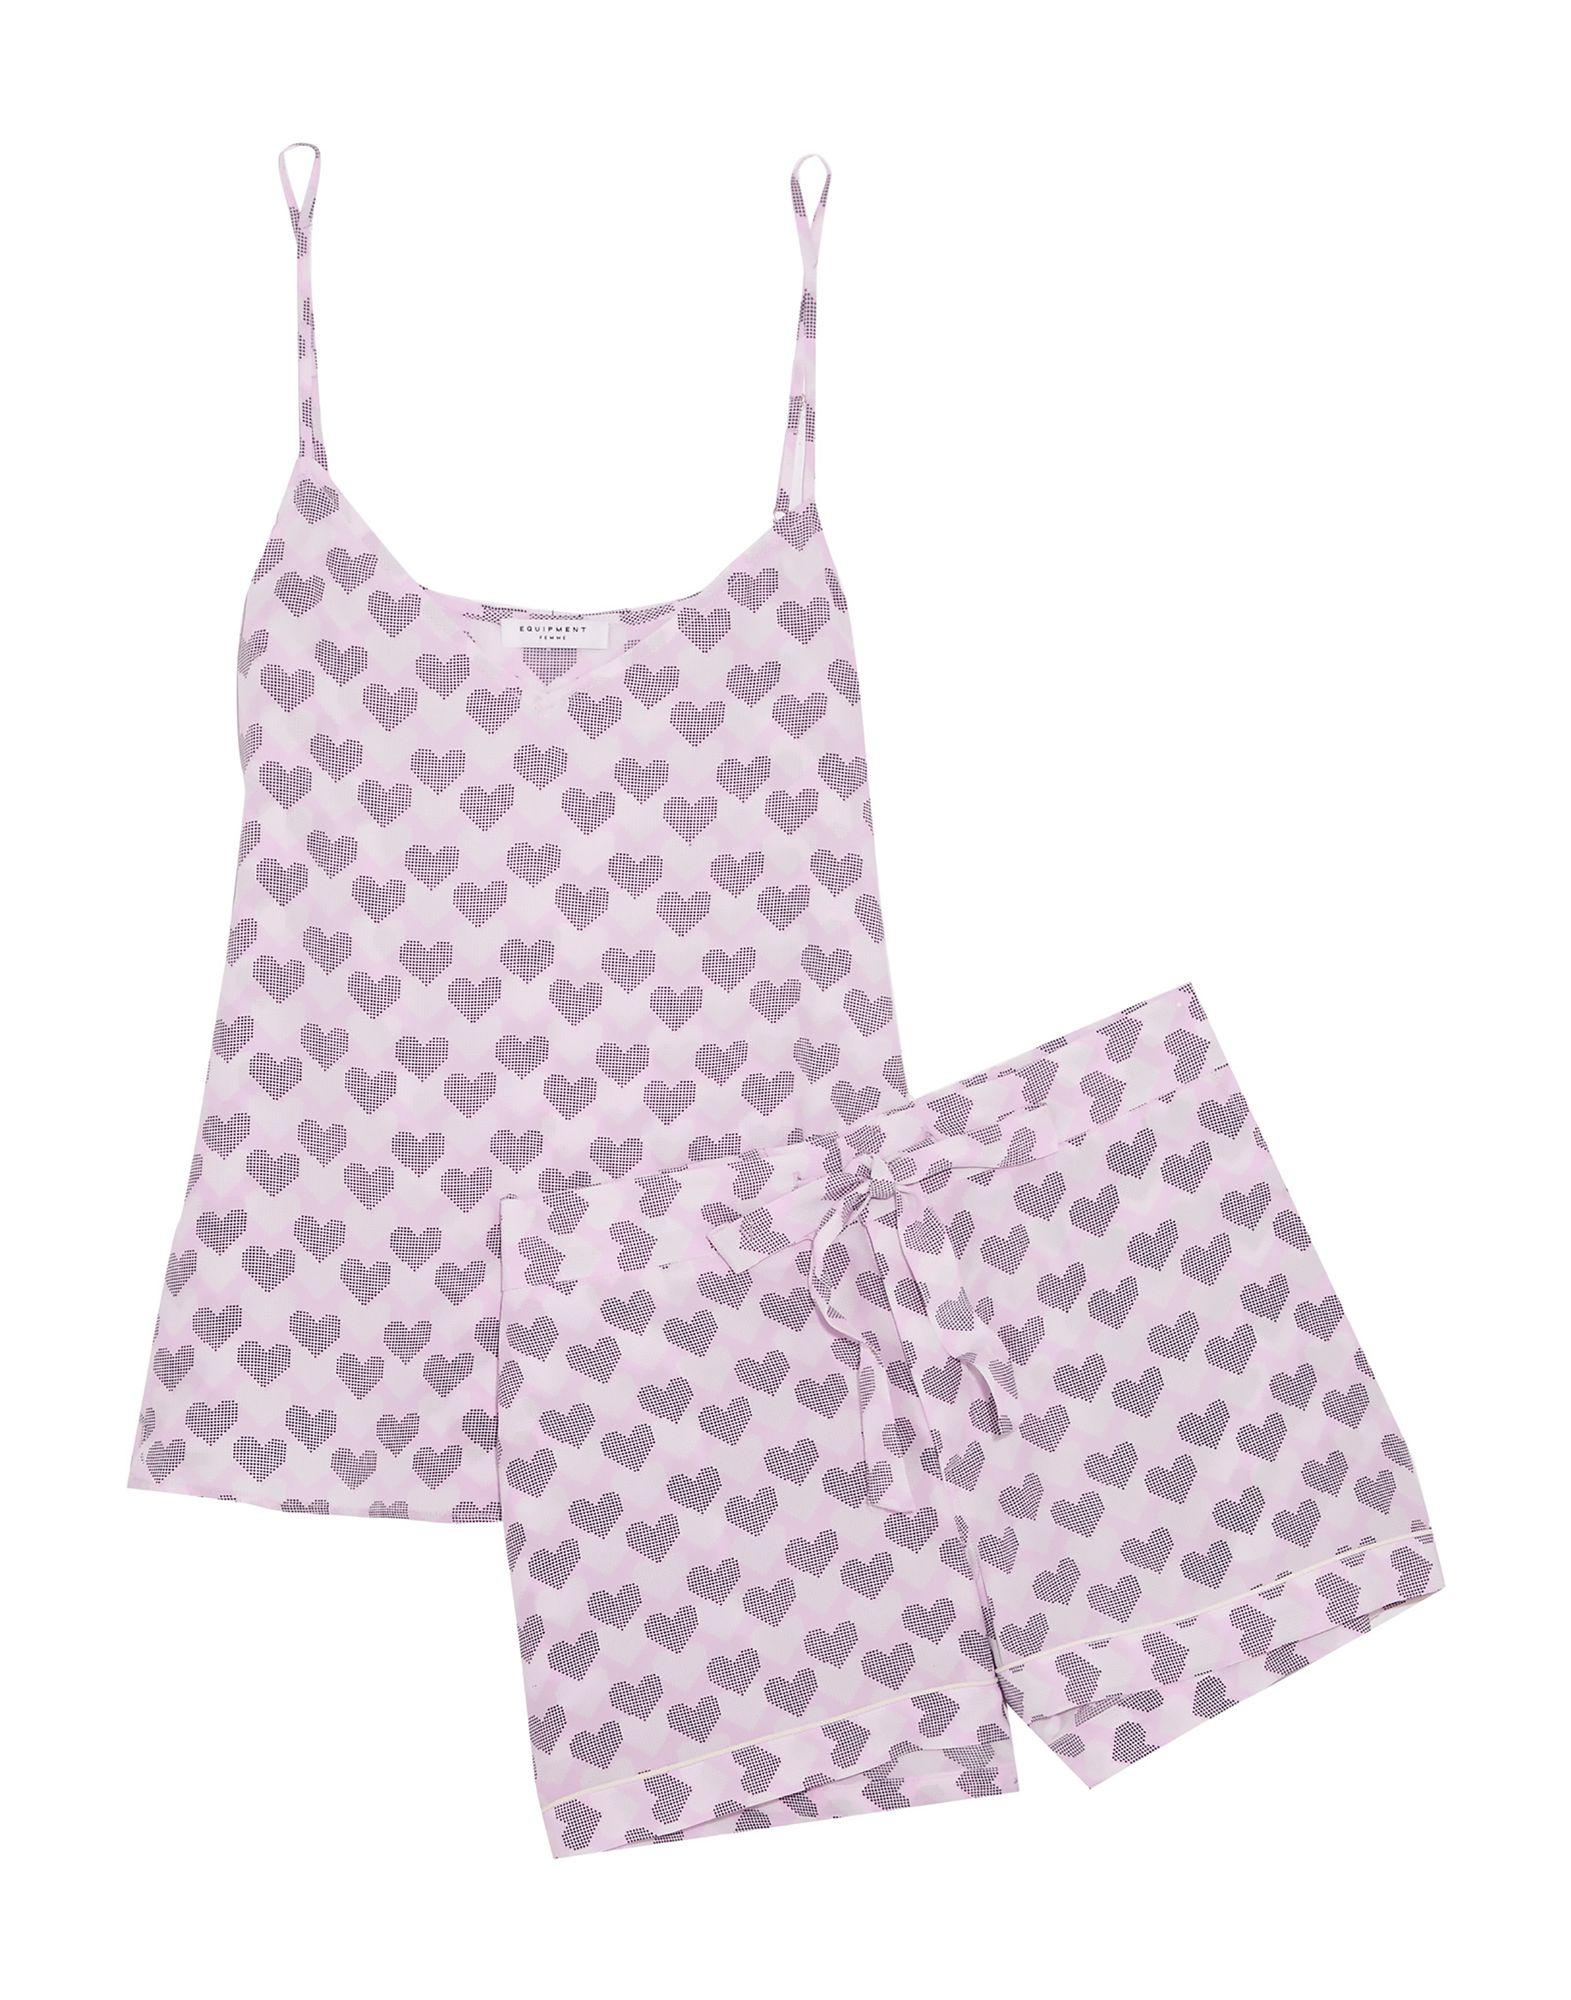 《送料無料》EQUIPMENT レディース パジャマ ピンク XS シルク 100%